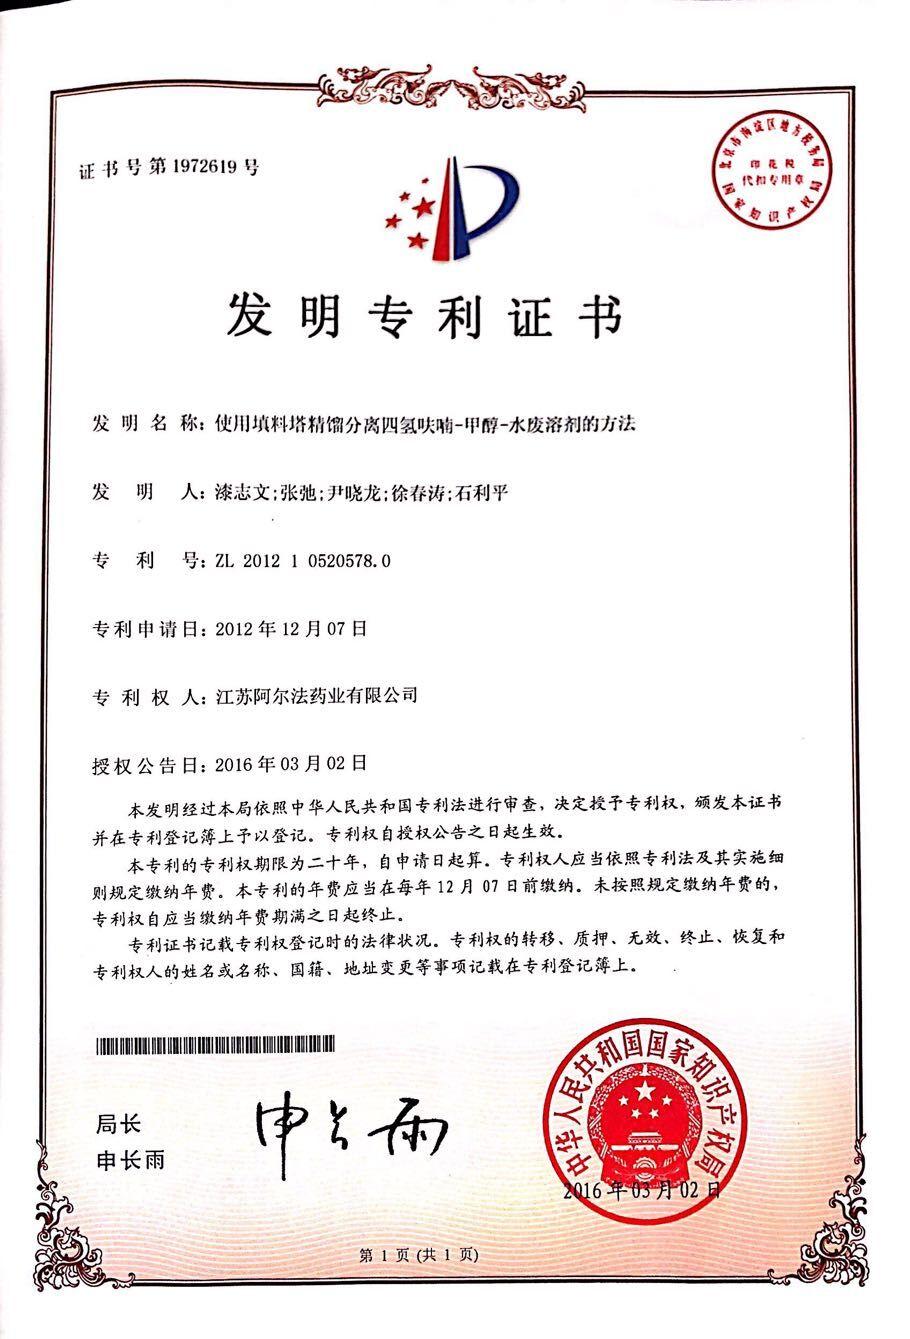 荣誉-专利-14.使用填料塔精馏分离四氢呋喃-甲醇-水废溶剂的方法